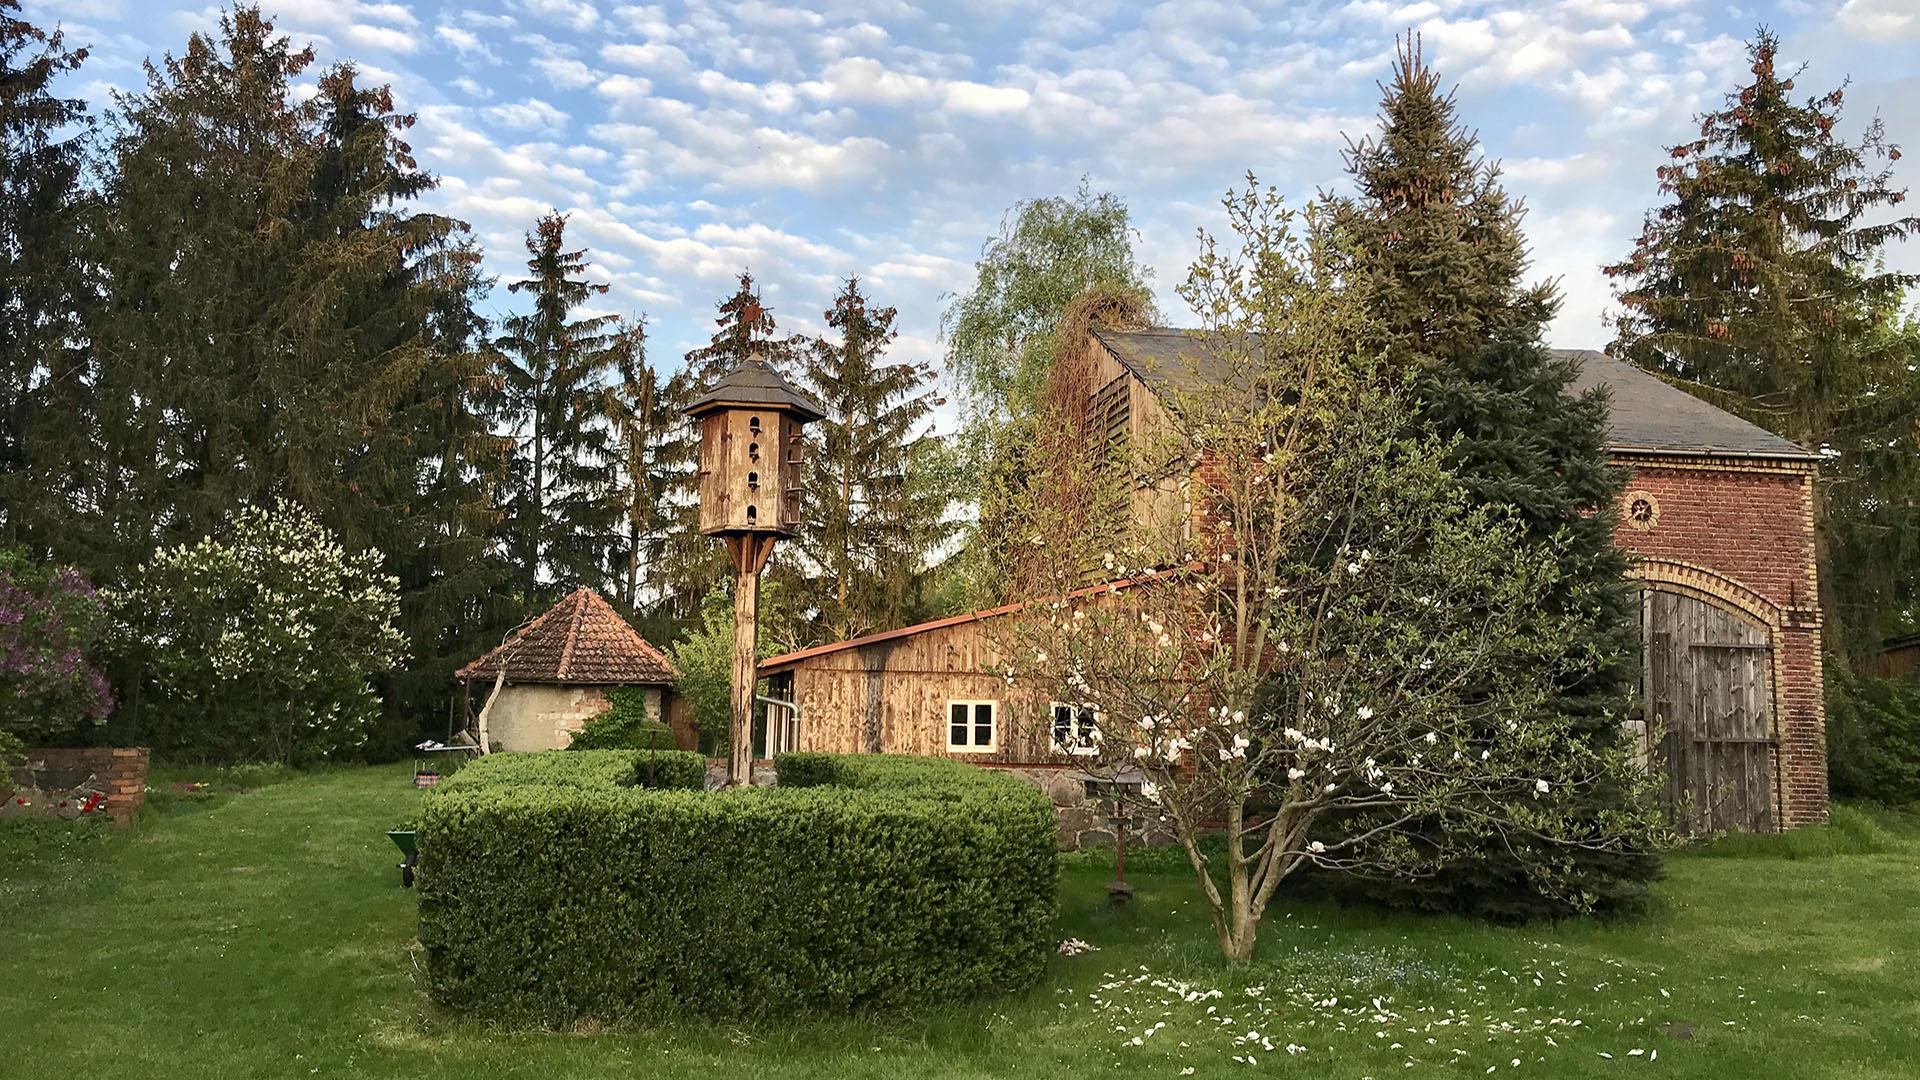 Gut Leben im Landresort Birkholzgroßer im großen Garten mit Vogelhaus